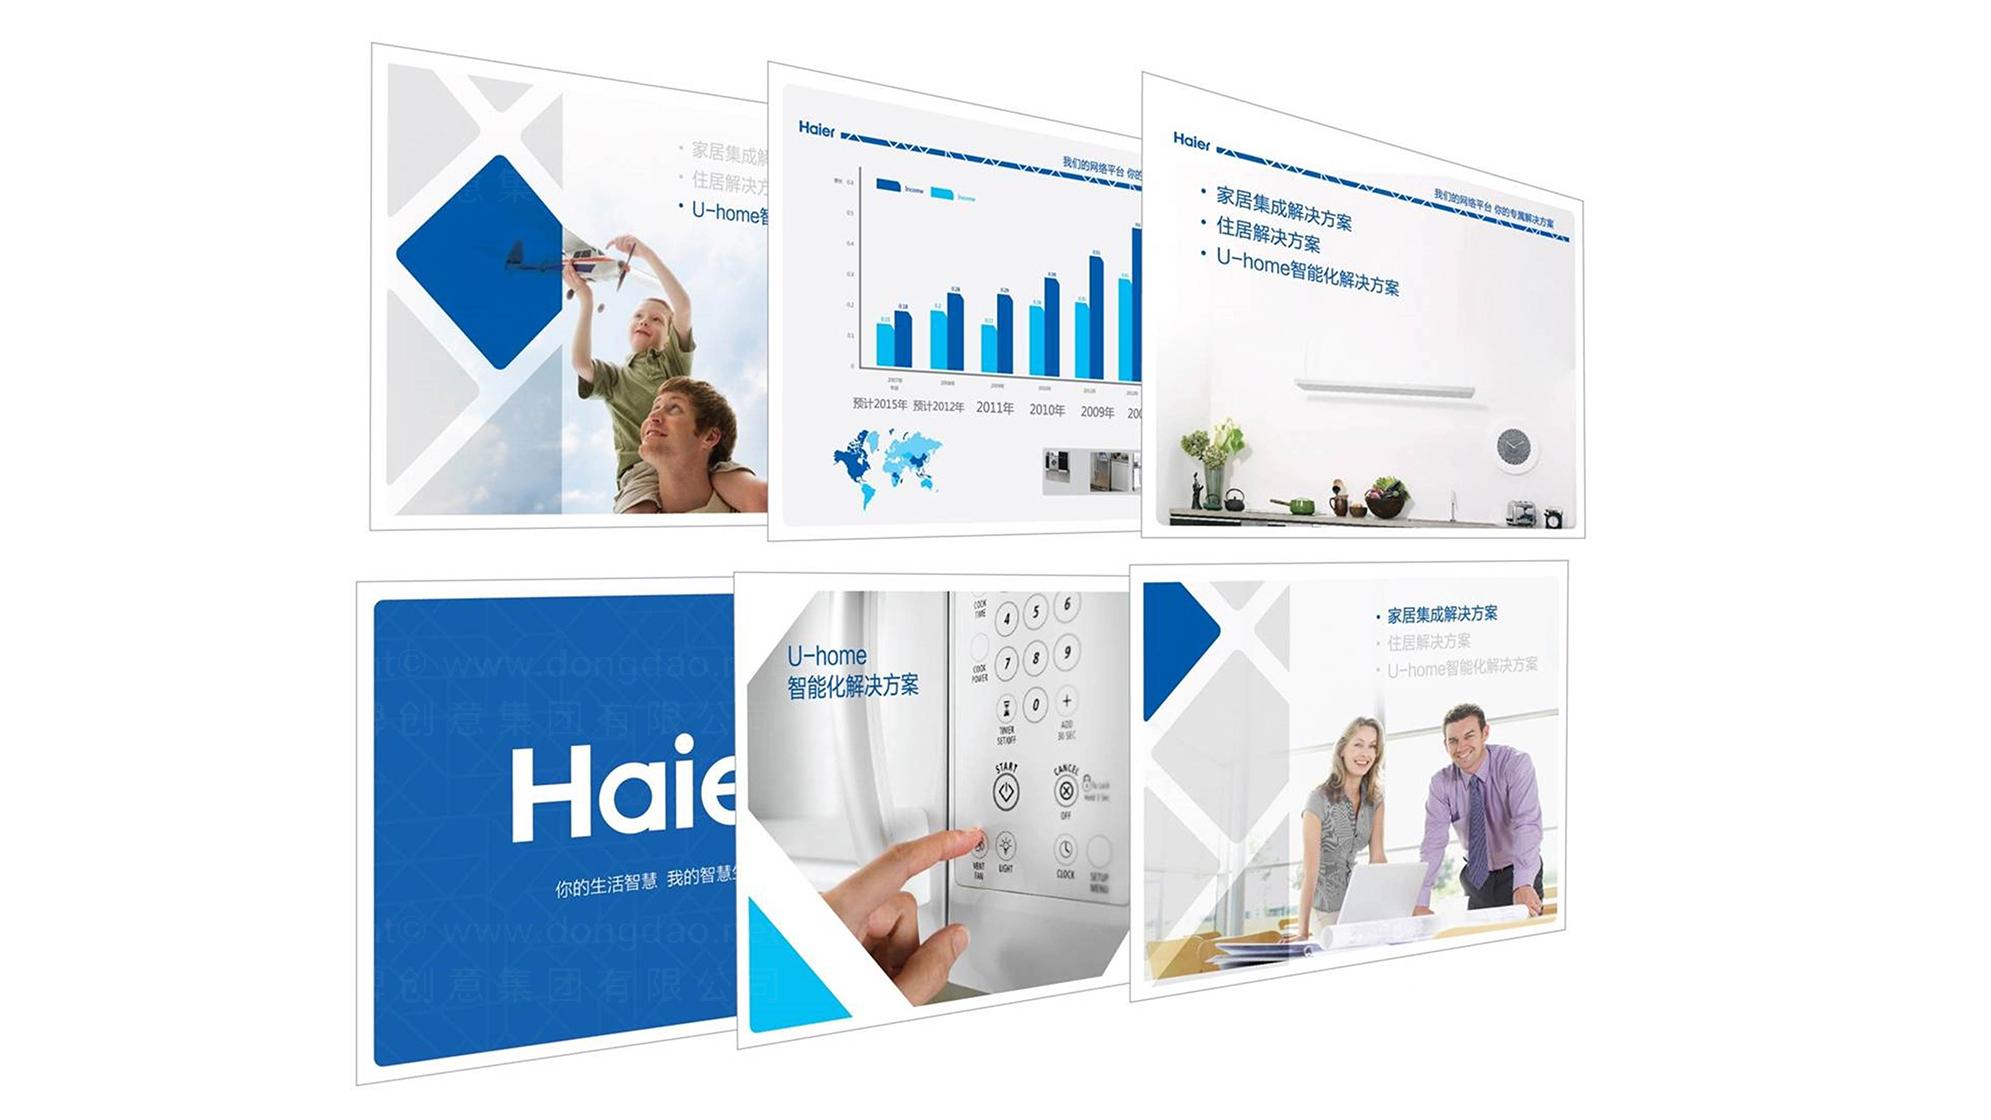 品牌设计海尔VI设计应用场景_2